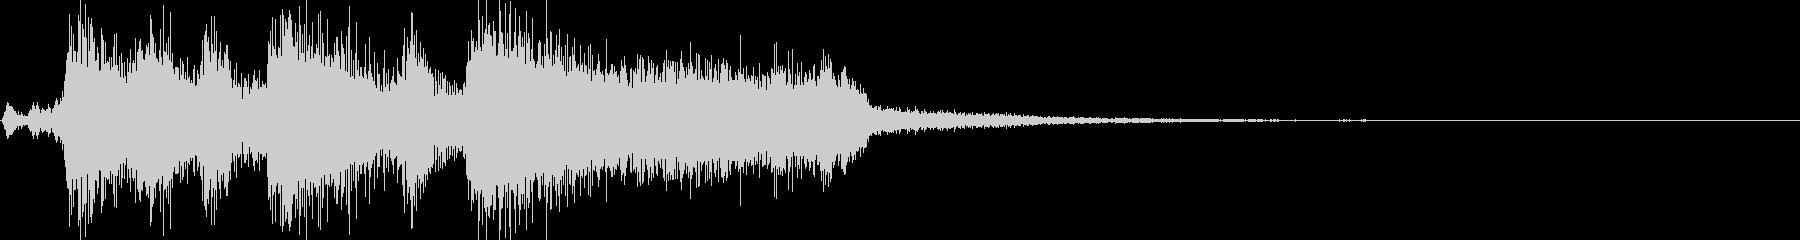 ジングル(ボーナスゲット・クリア・正解)の未再生の波形